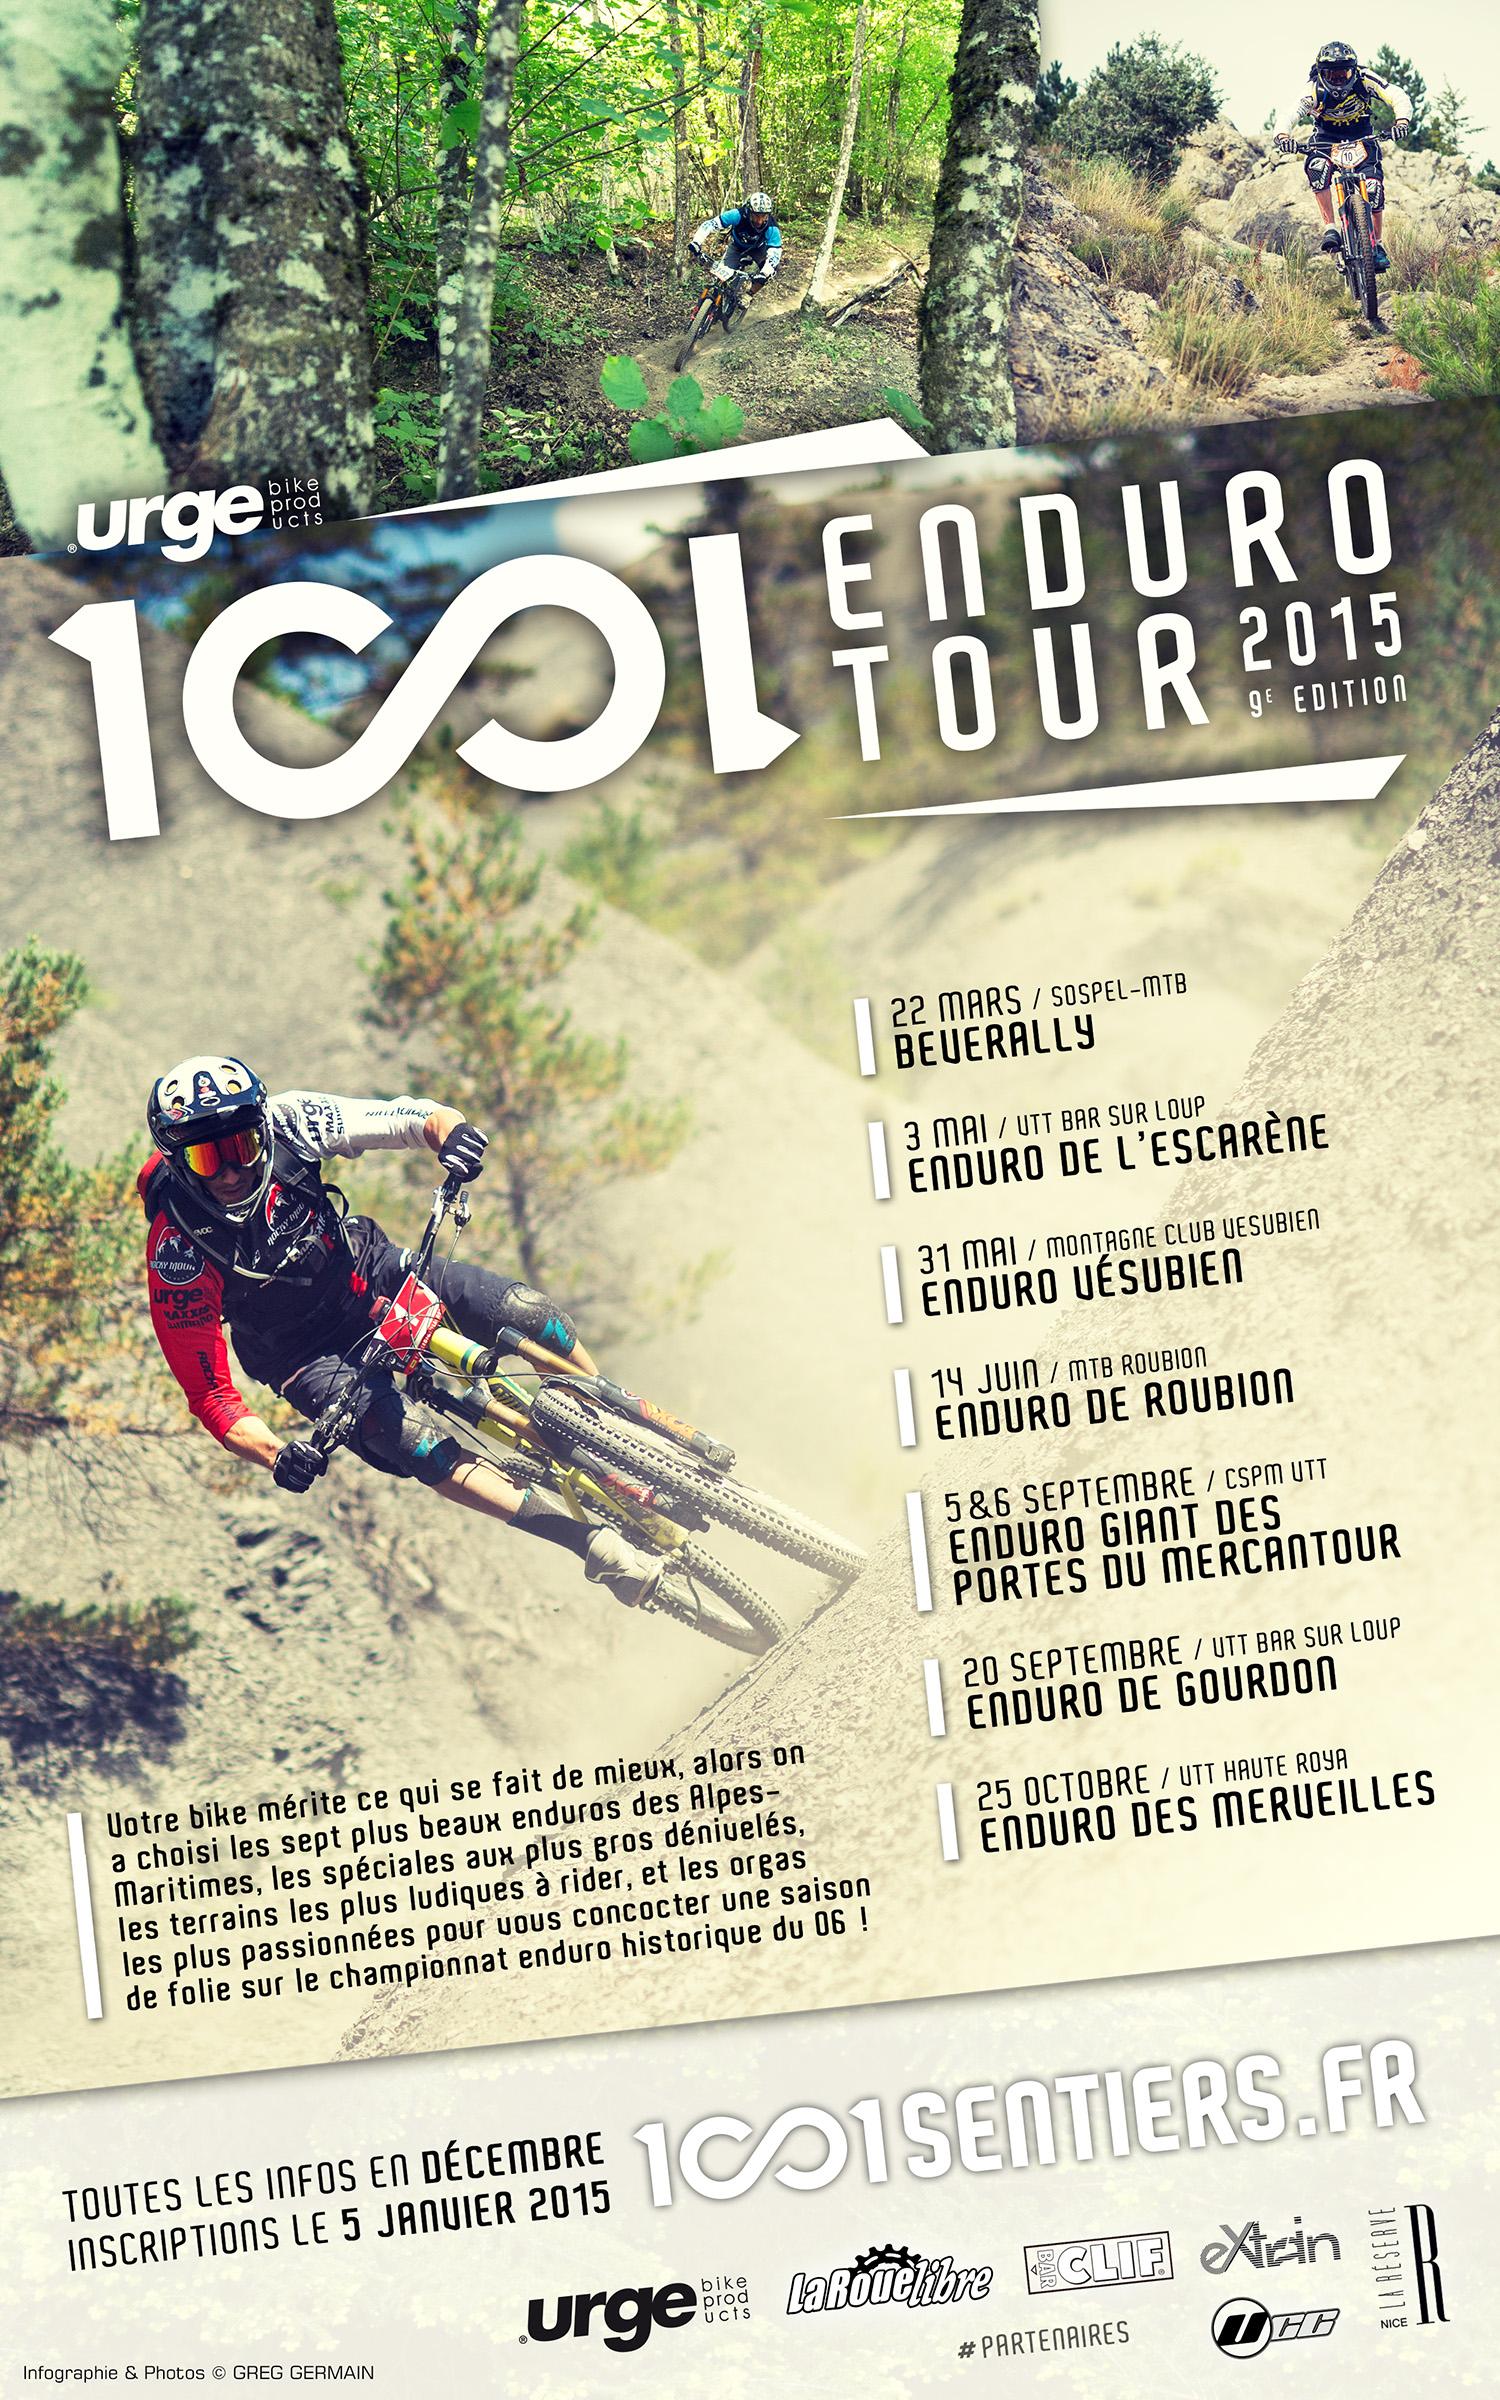 affiche_urge1001endurotour2015